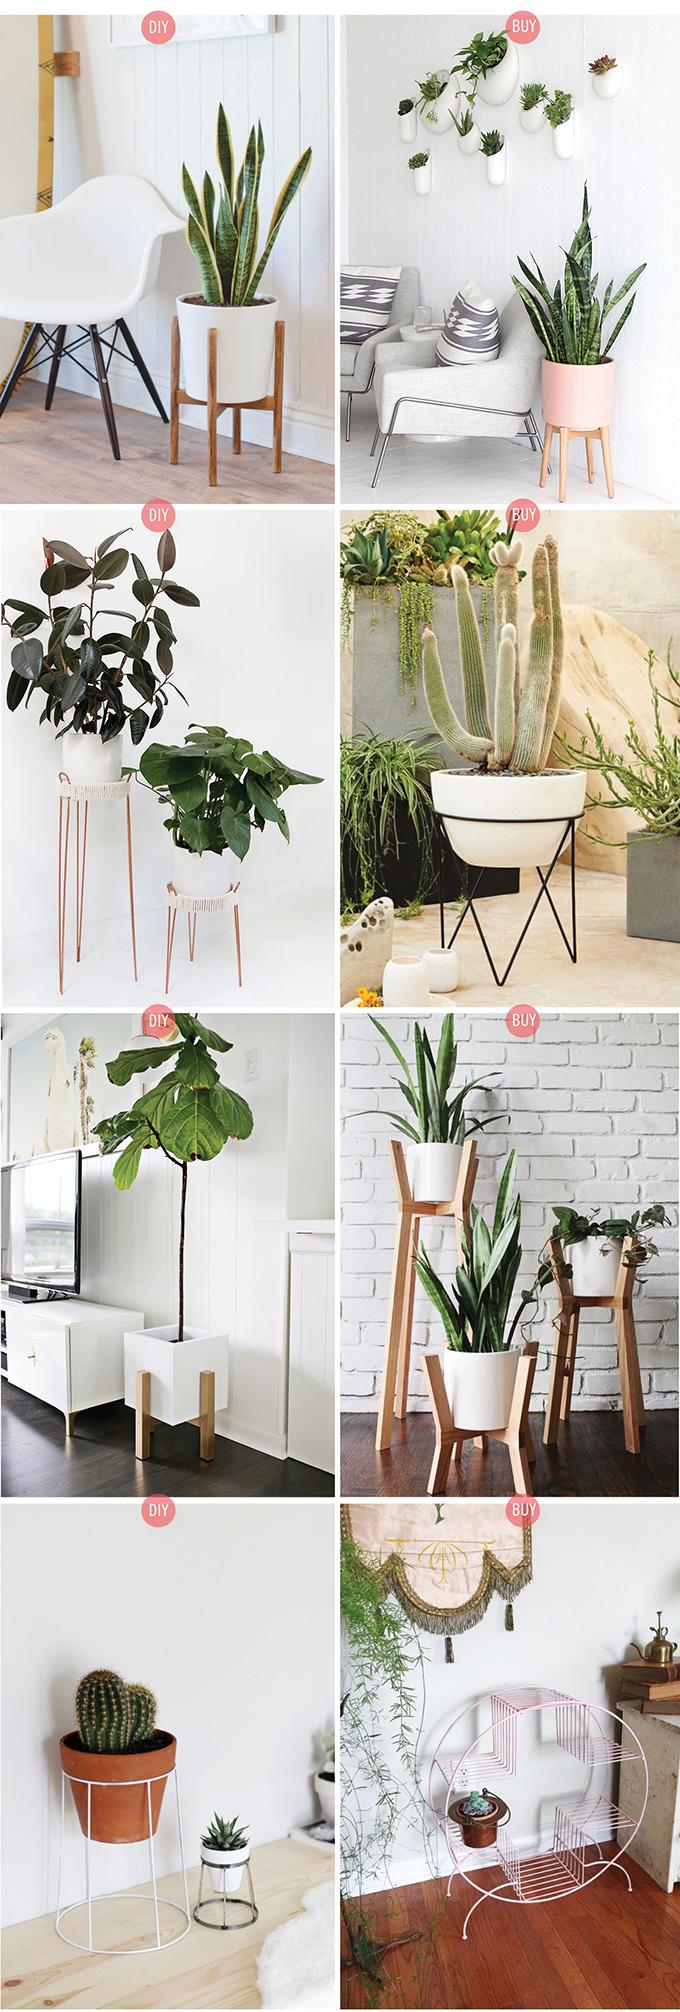 Diy Or Buy Plant Stands I Spy Diy Bloglovin